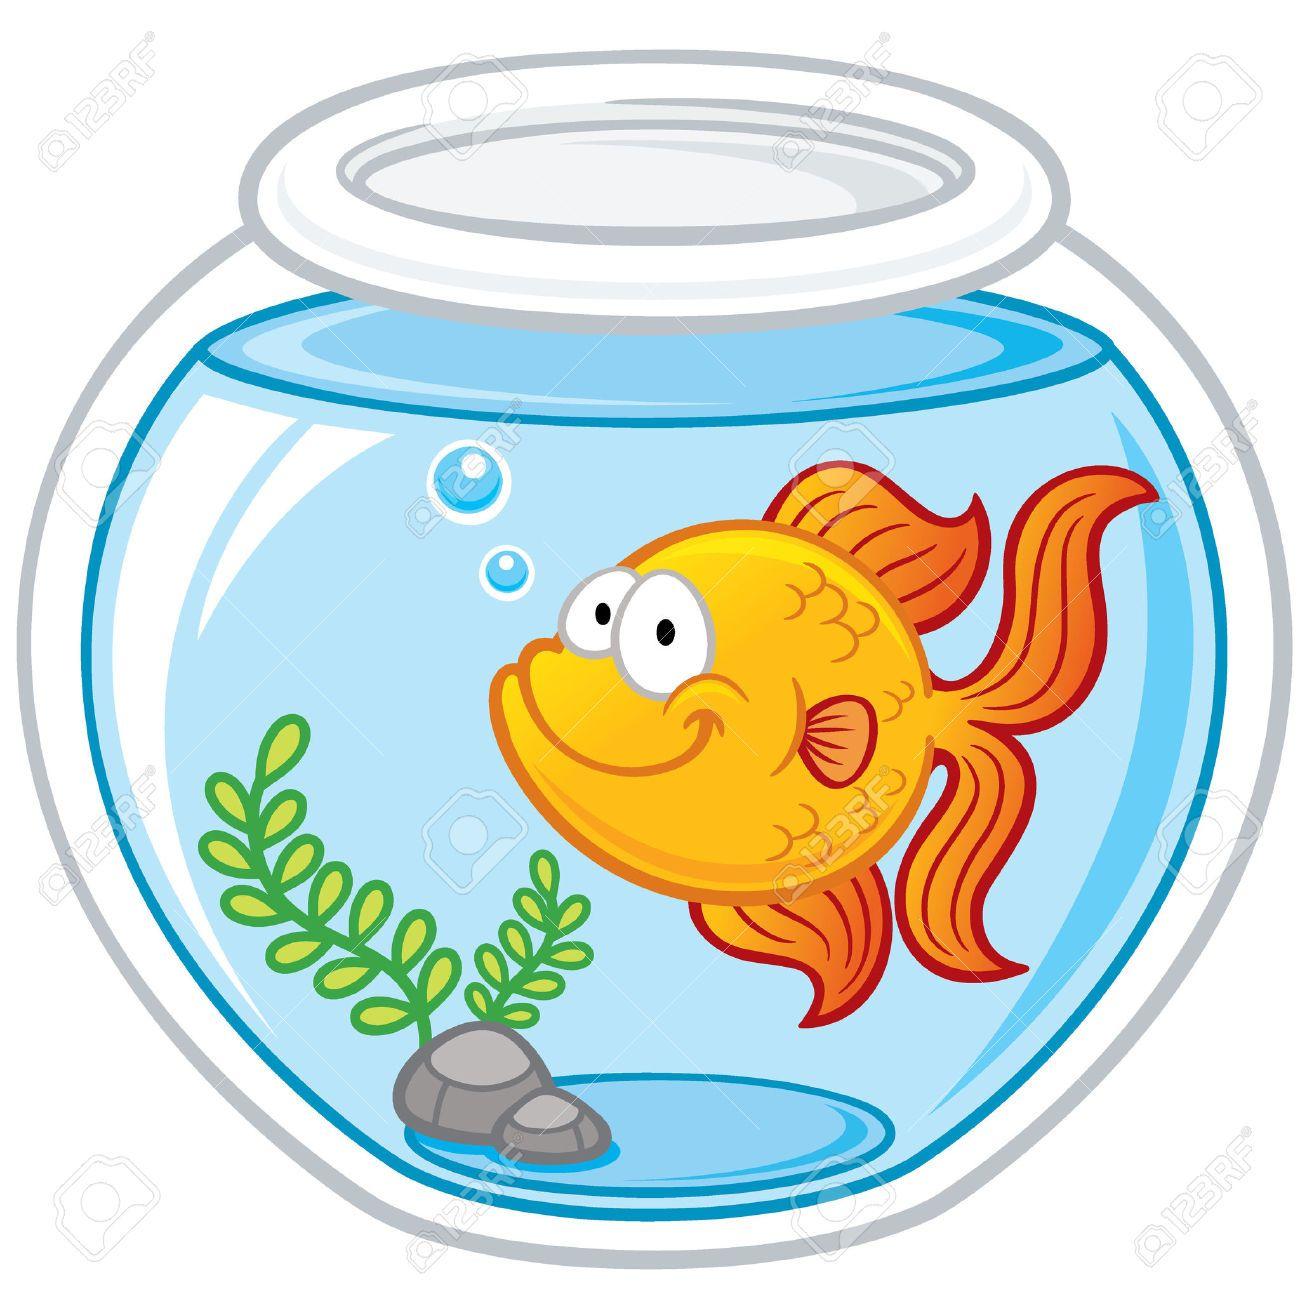 Goldfish clipart 2 fish. Bowl tank clip art